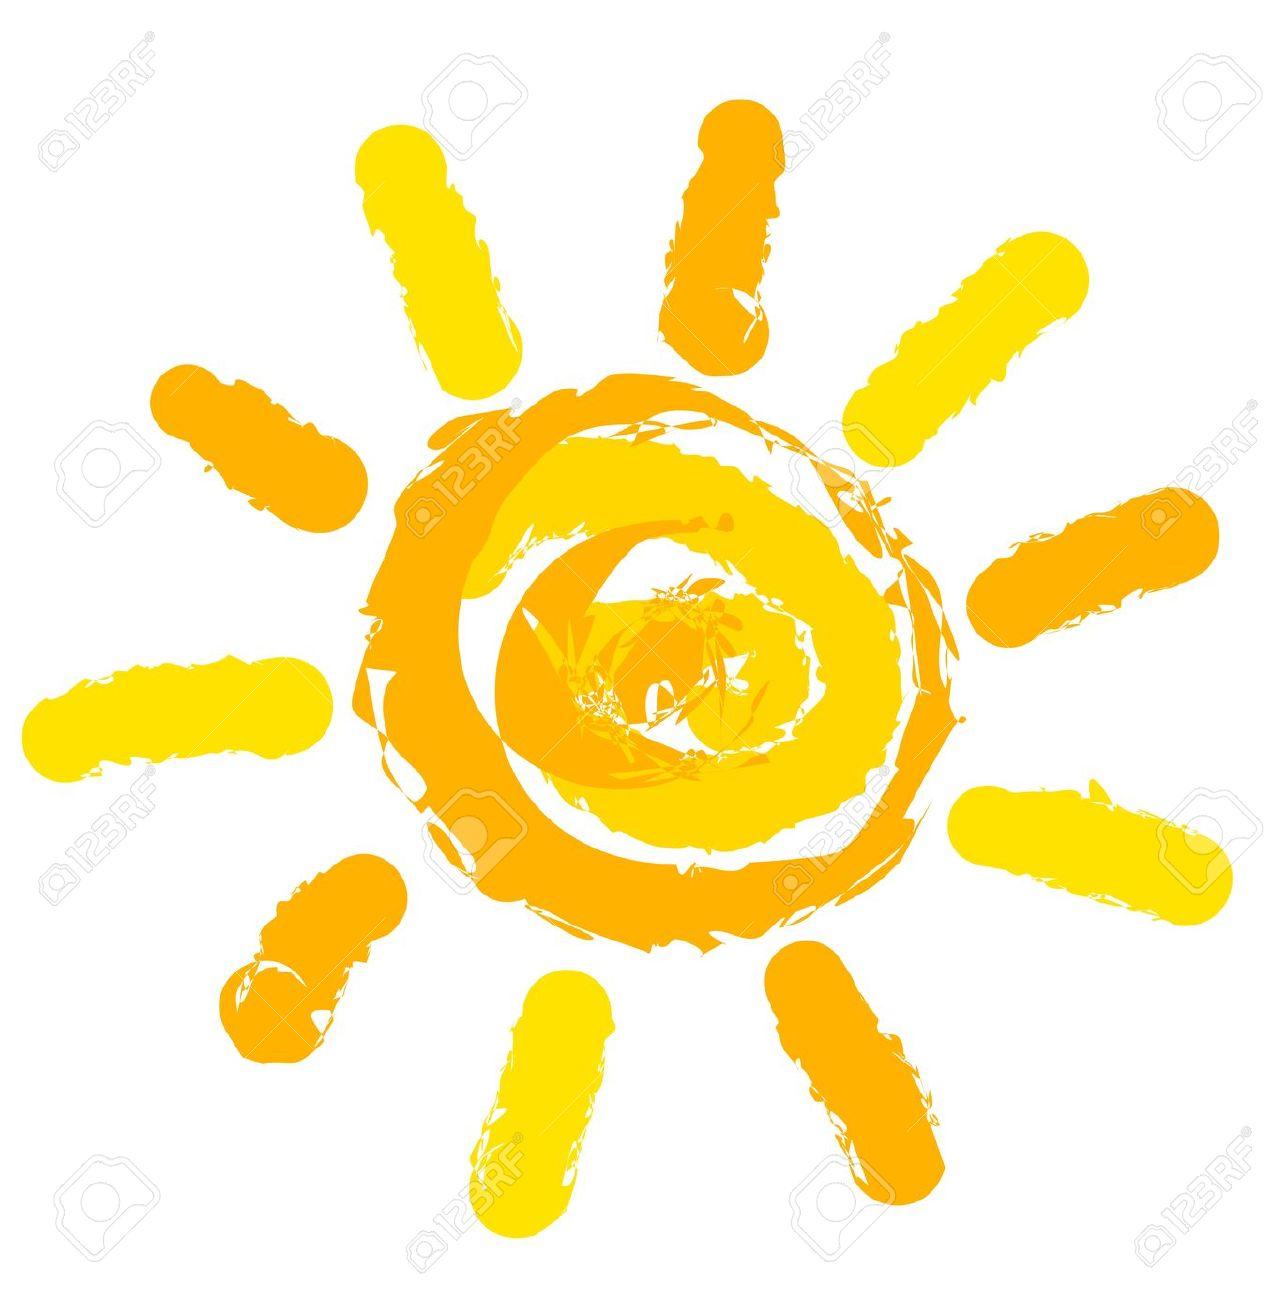 1271x1300 Sunshine clipart cartoon sun